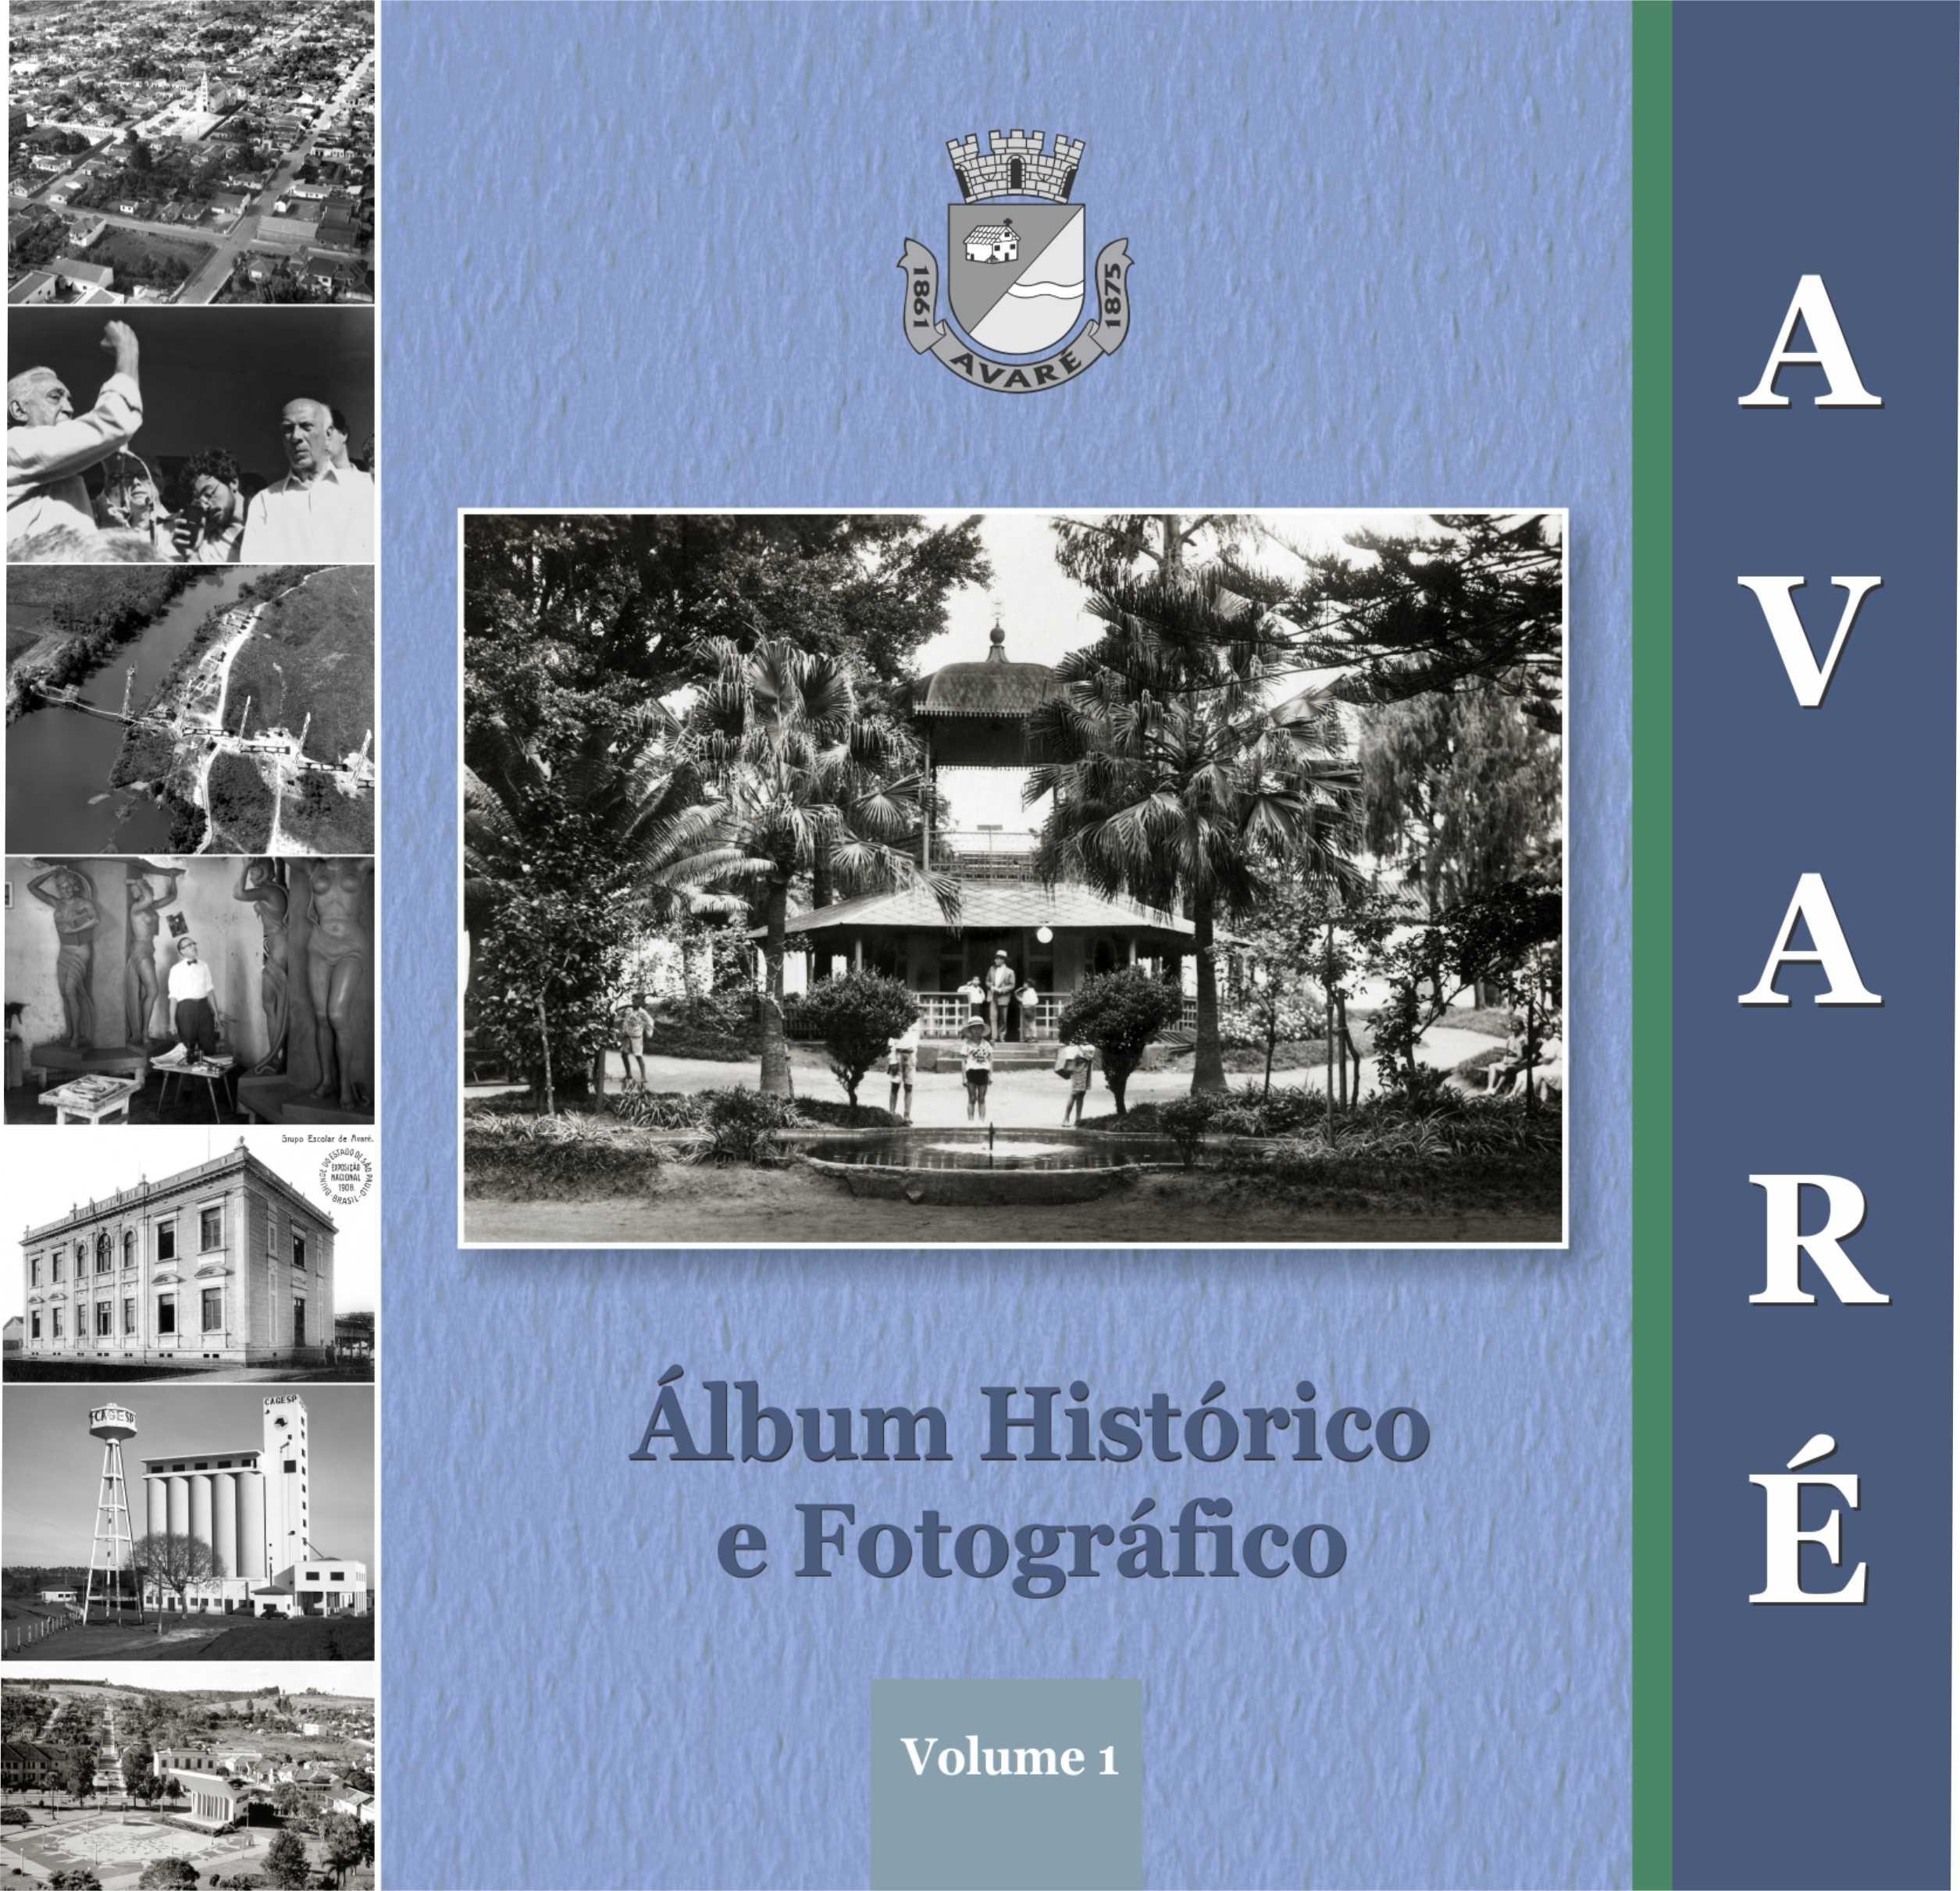 Álbum é o primeiro volume de fotografias de diferentes épocas que contam o desenvolvimento de Avaré (SP). (Foto: Divulgação / Prefeitura de Avaré)